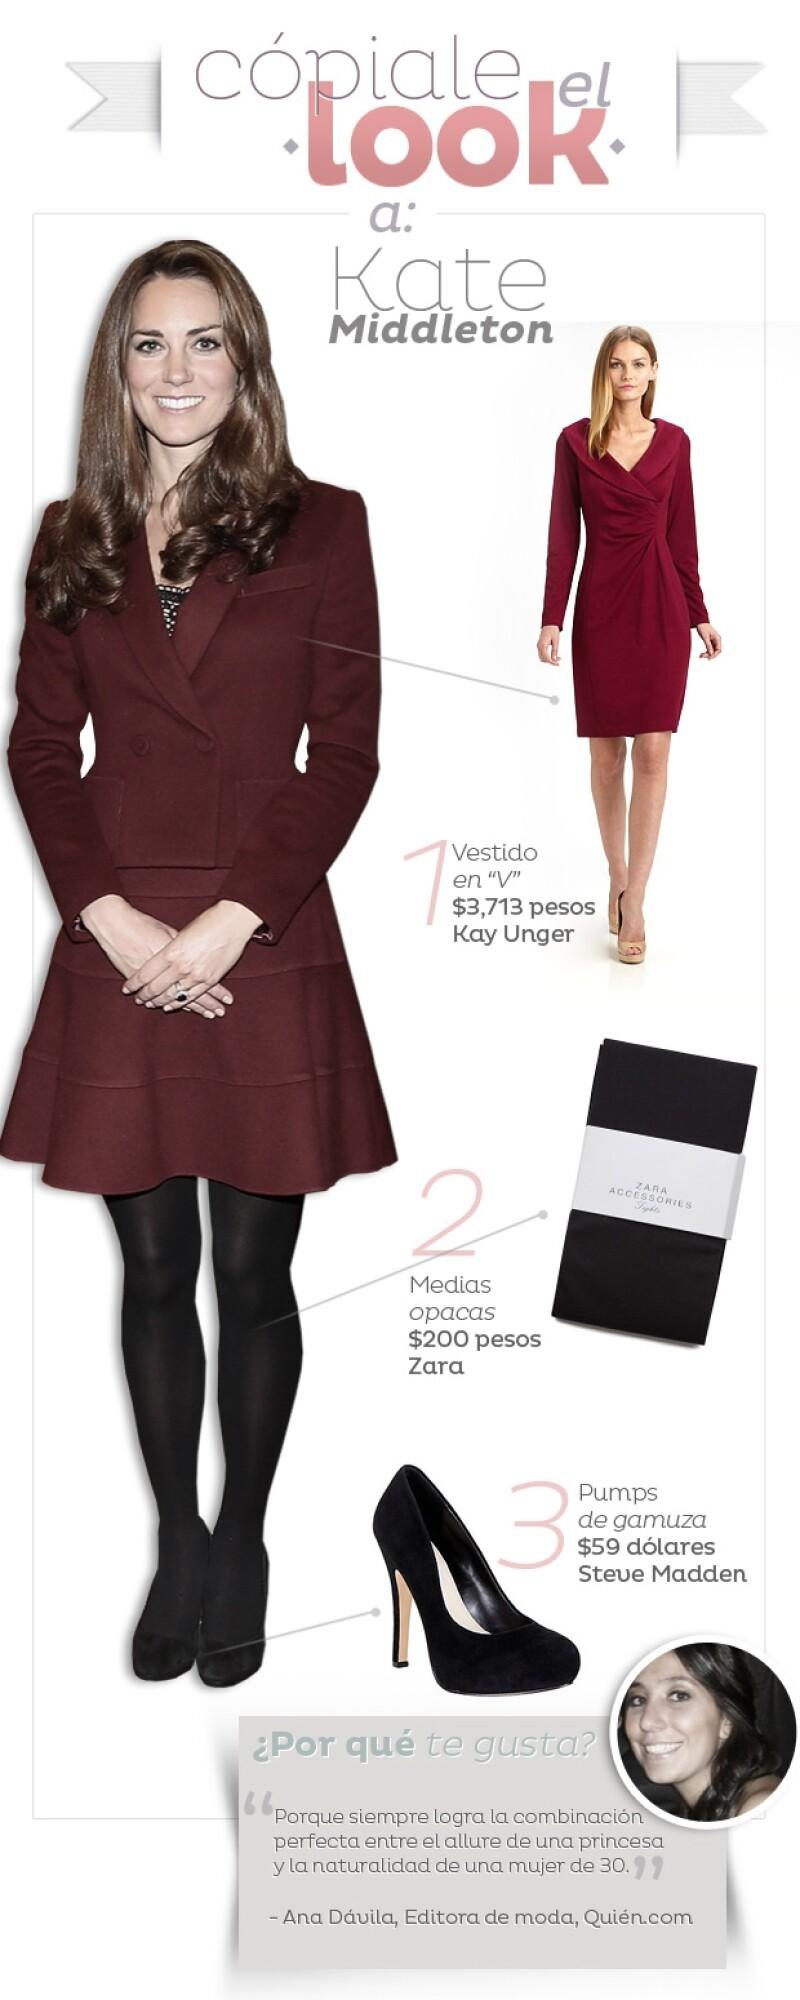 La duquesa de Cambridge se ha colocado como el máximo exponente del `high-street fashion´. Aquí te decimos cómo imitar su estilo.